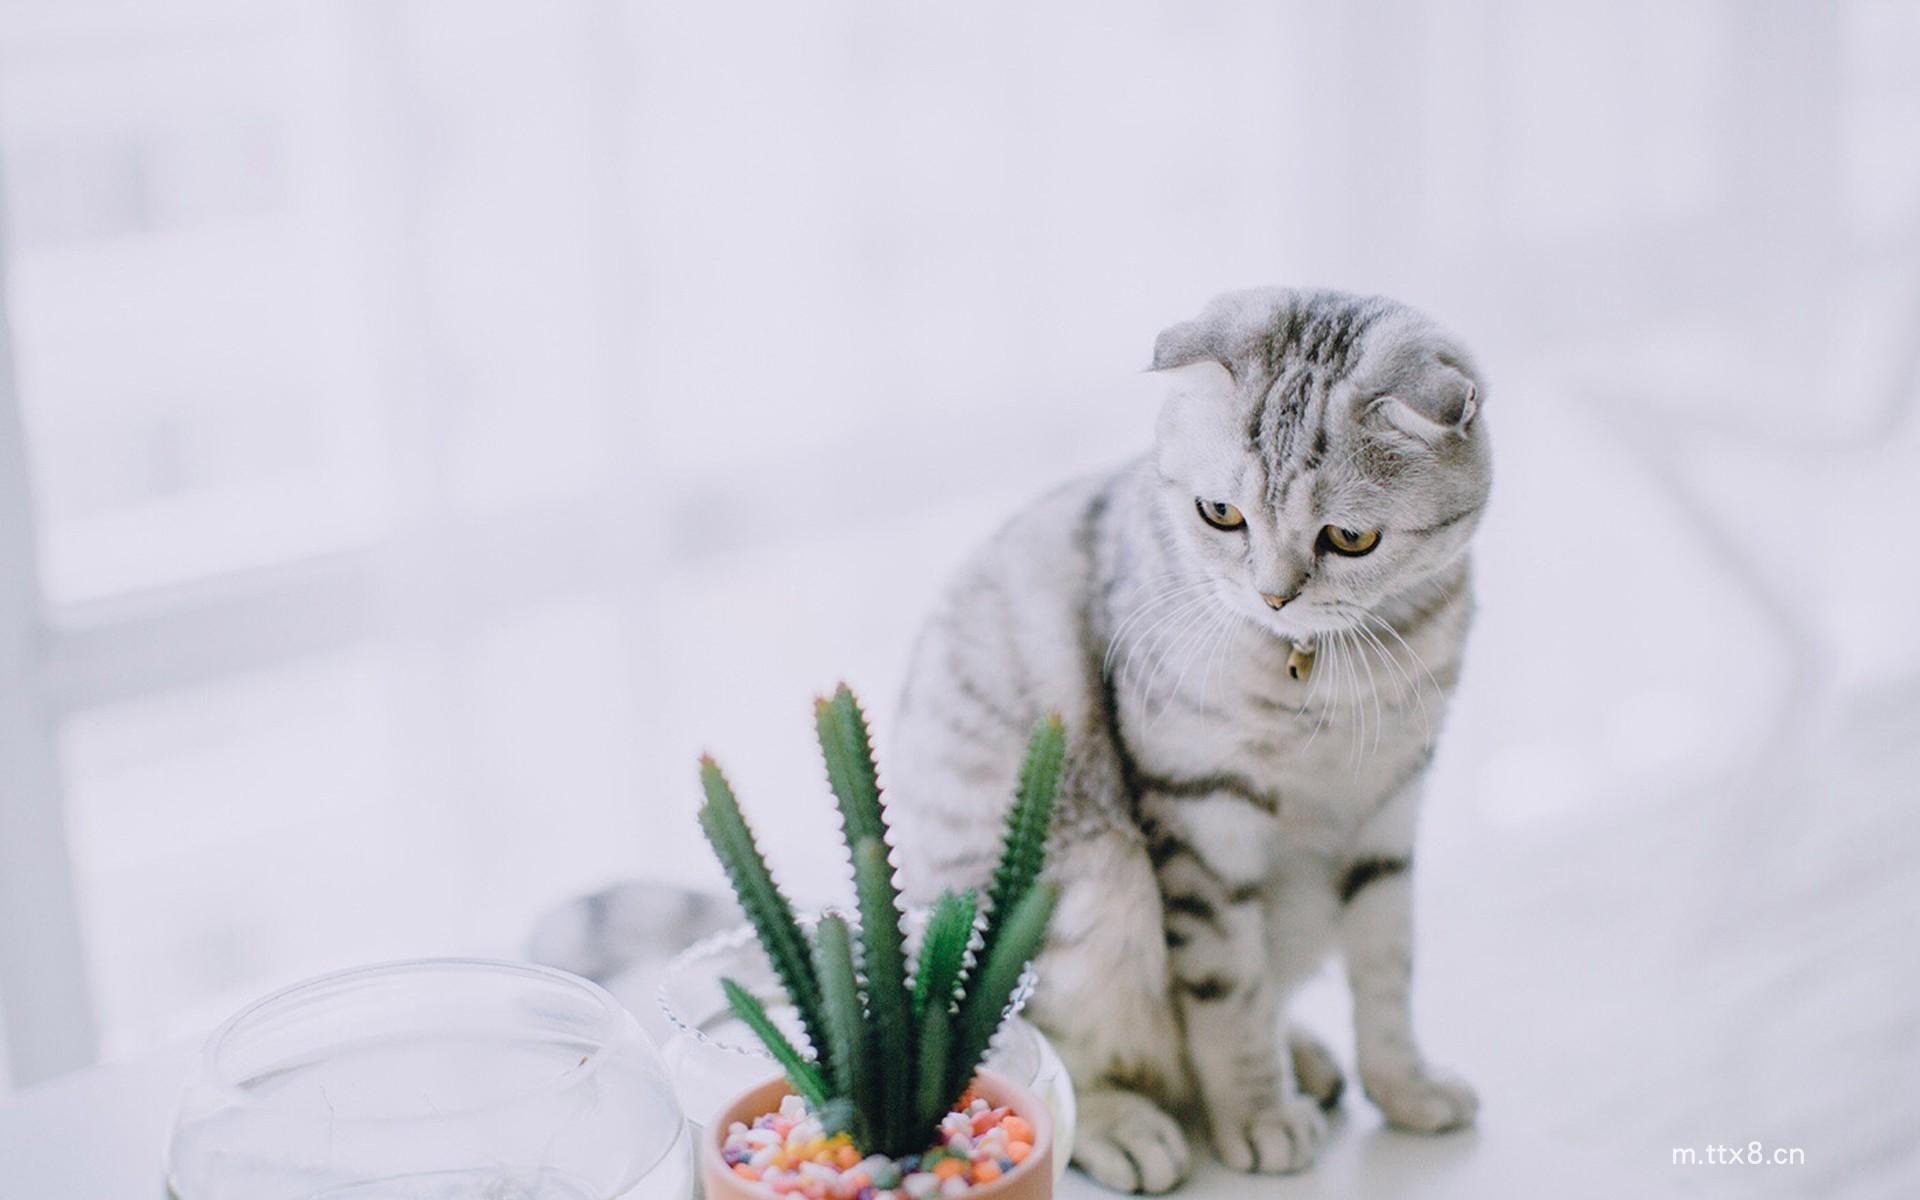 可爱网红猫咪高清大图桌面壁纸